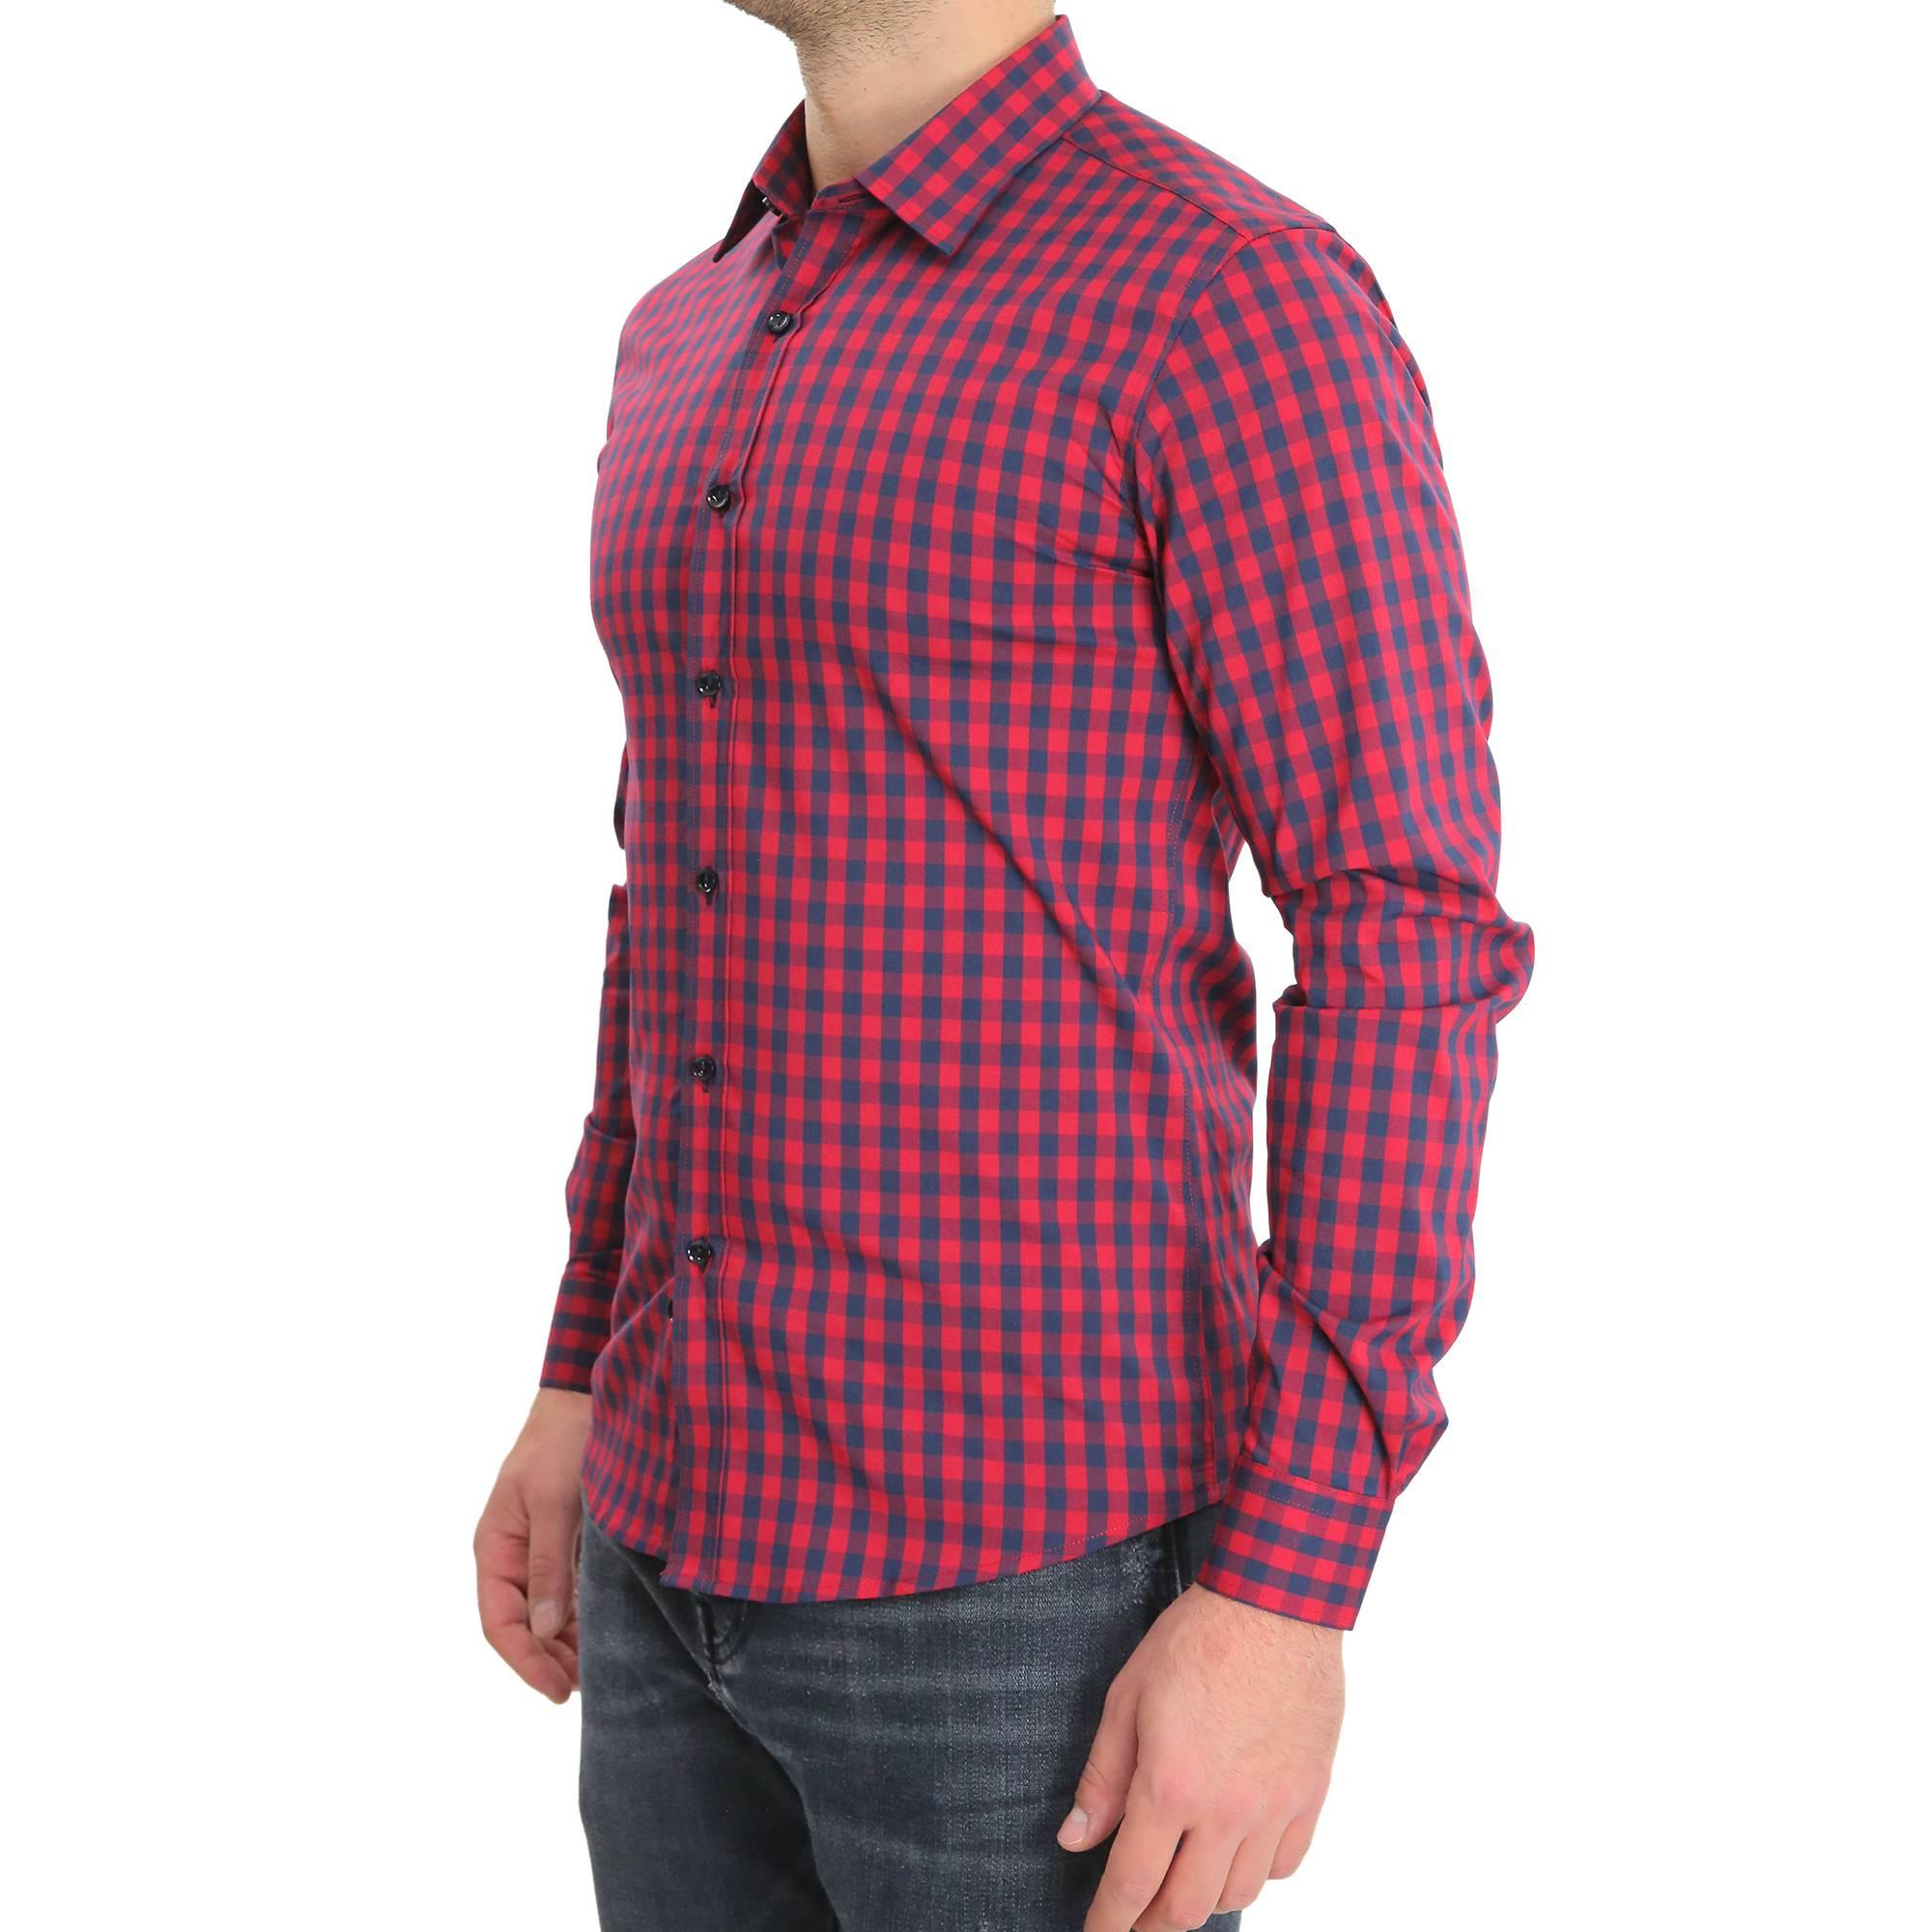 Camicia-Uomo-Cotone-Quadretti-Casual-Slim-Fit-Quadri-Scozzese-Manica-Lunga miniatura 7